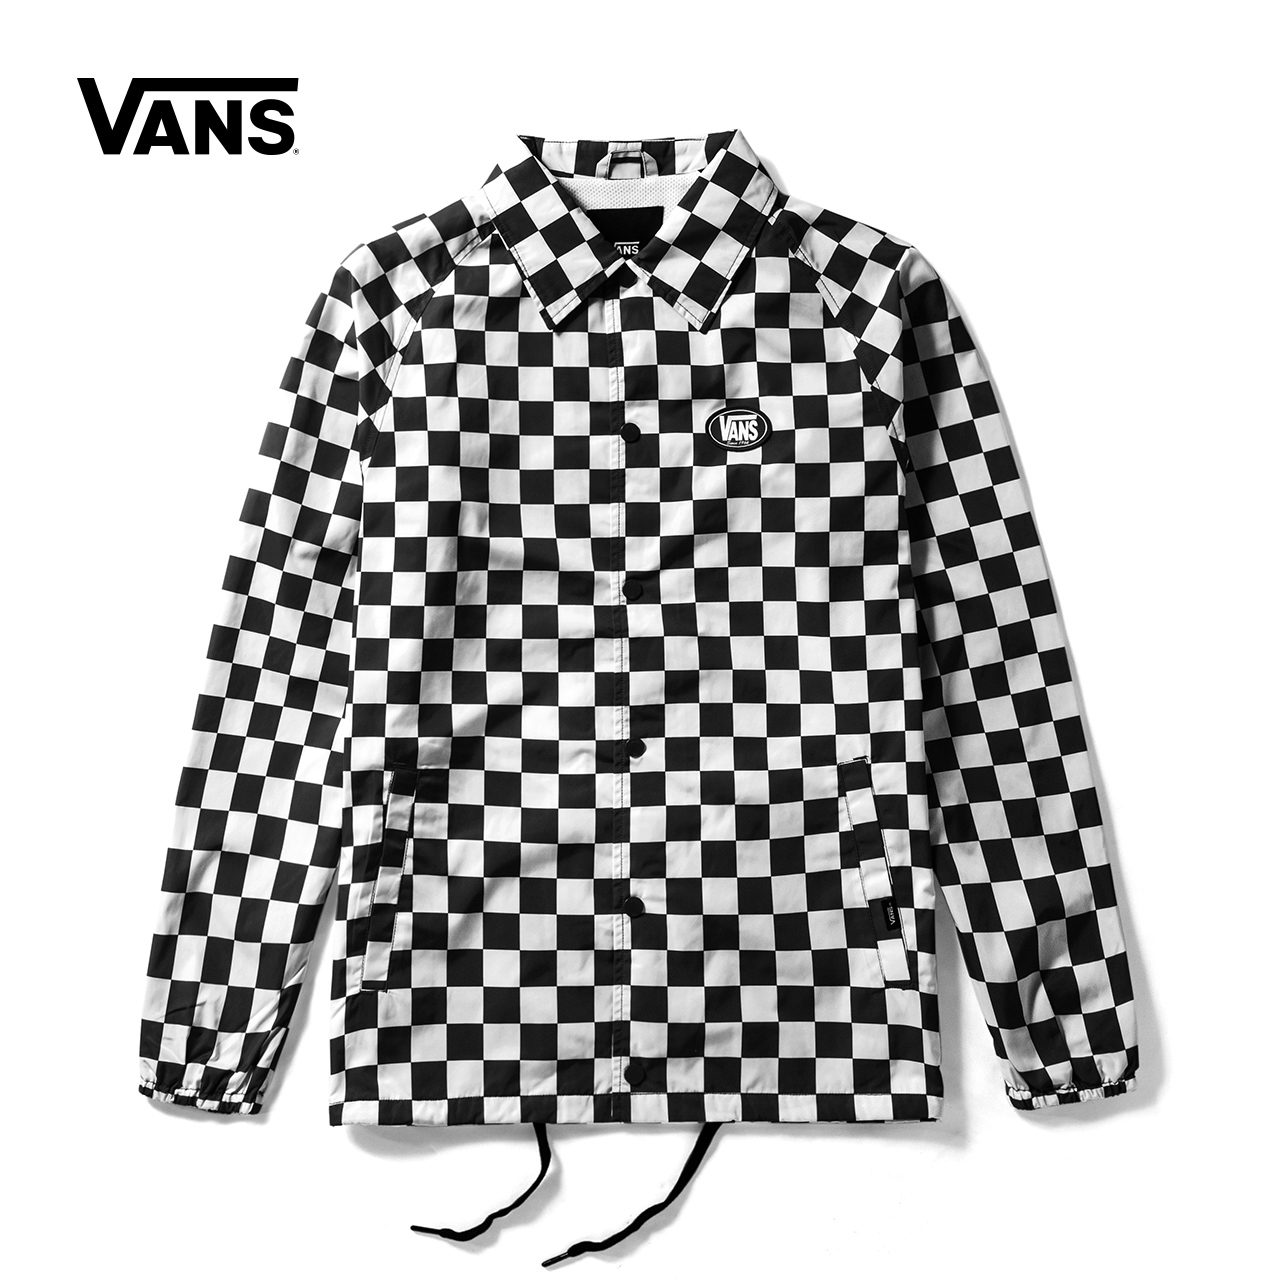 Vans 范斯官方秋季男女款夹克|VN0A3DGX705-IZQ